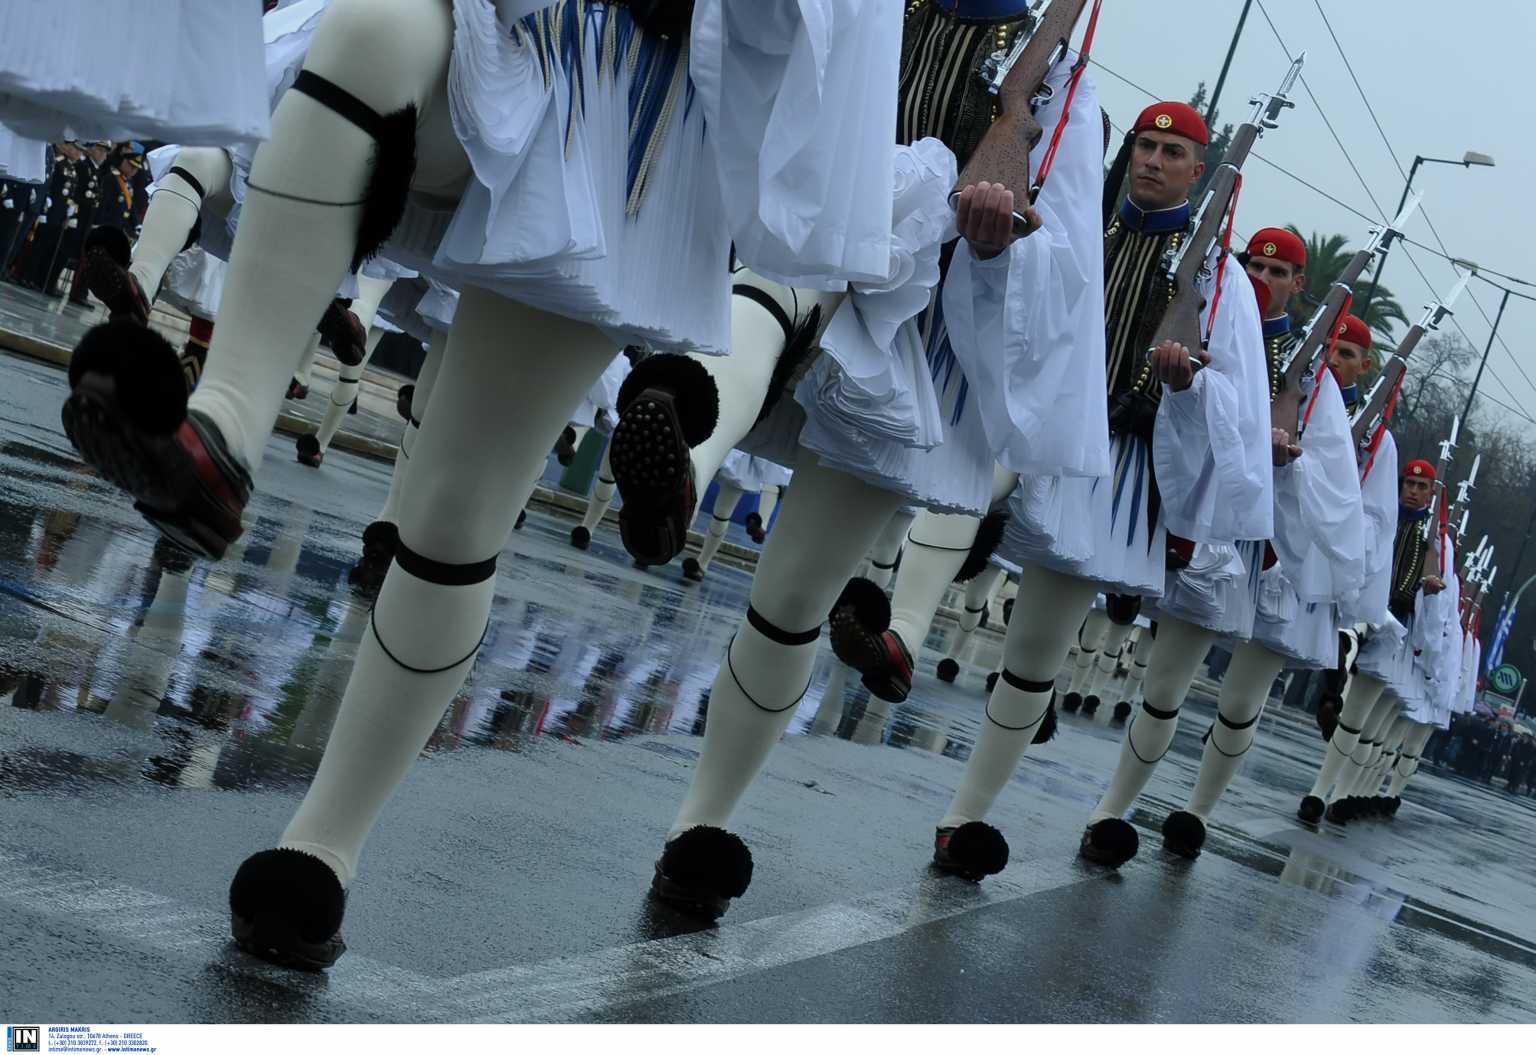 Παρέλαση 25ης Μαρτίου: Στο Σύνταγμα, αλλά μόνο η στρατιωτική